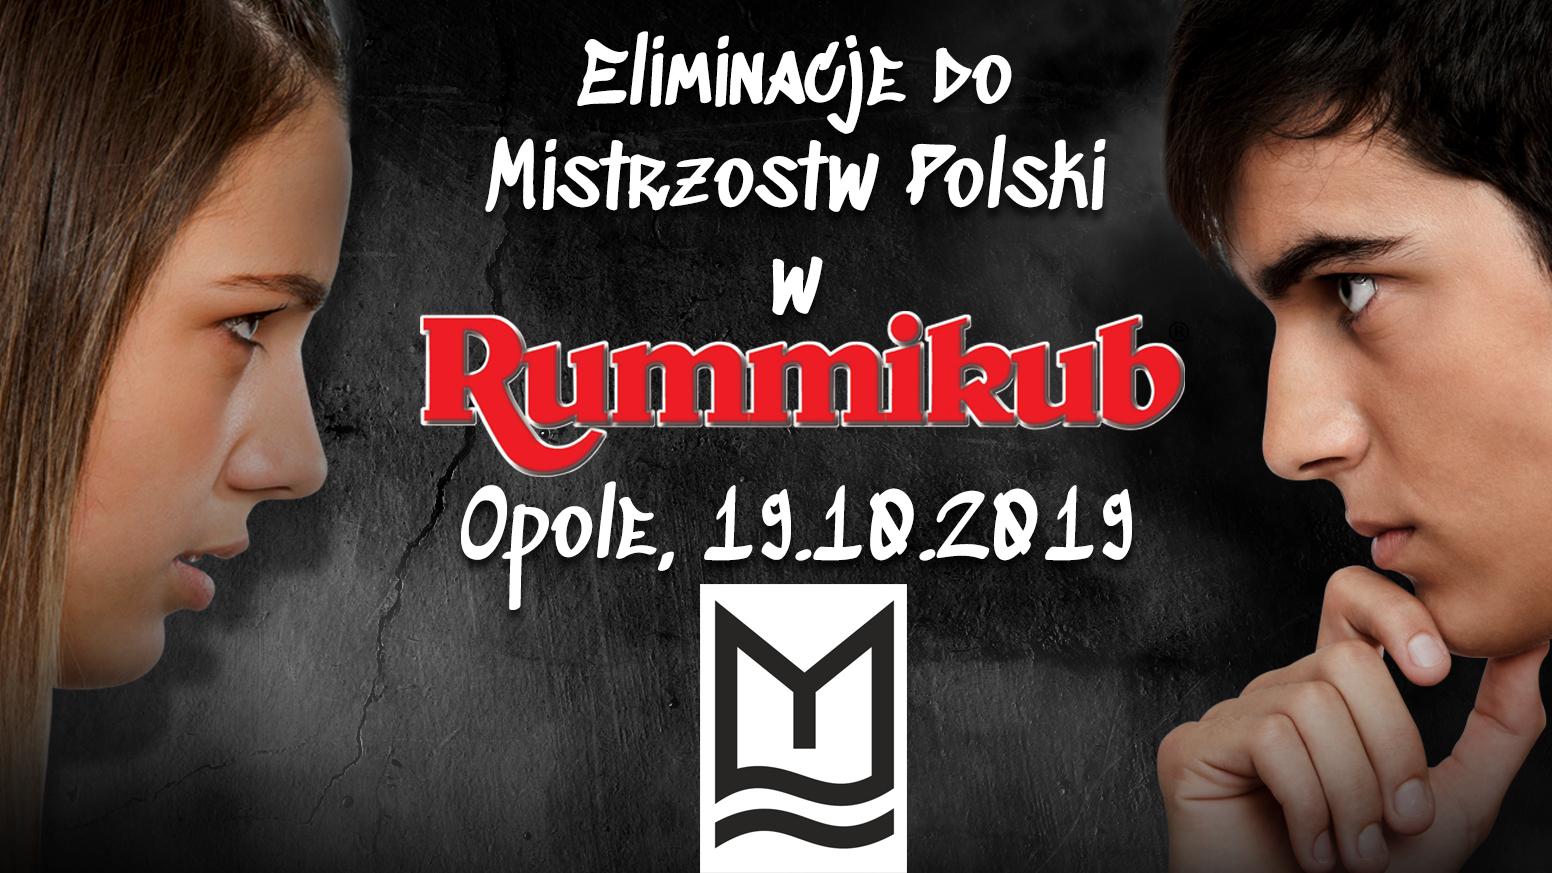 Eliminacje do Mistrzostw Polski w Rummikub